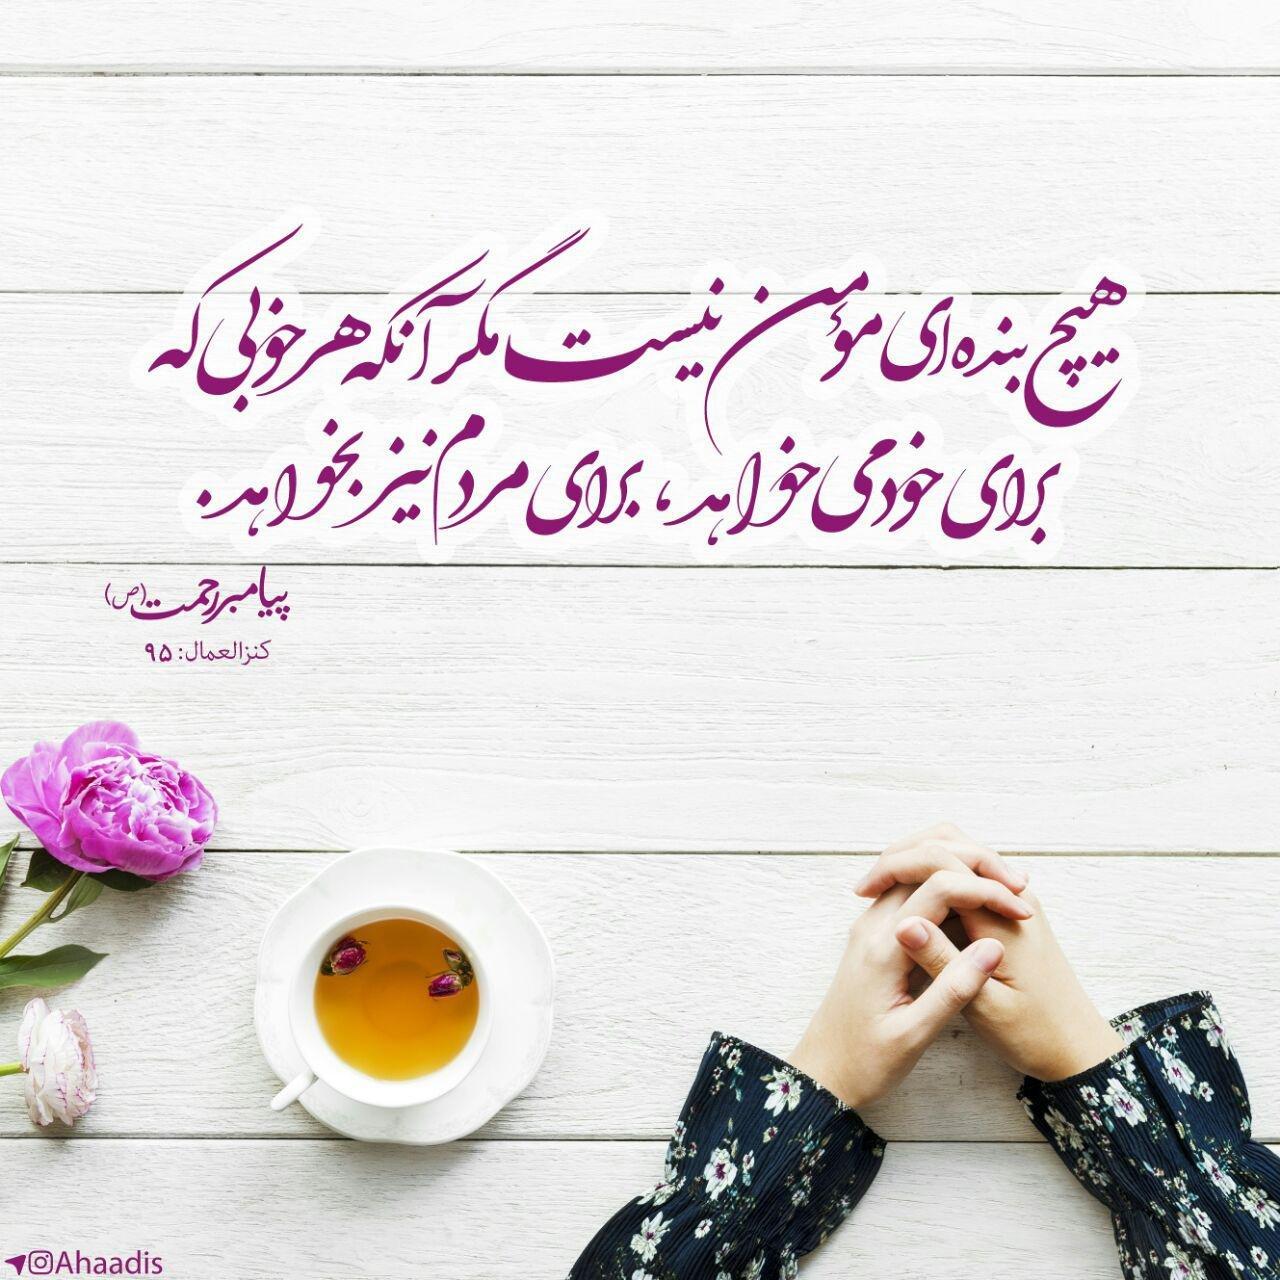 سخنان آموزنده پیامبر اسلام حضرت محمد (ص)